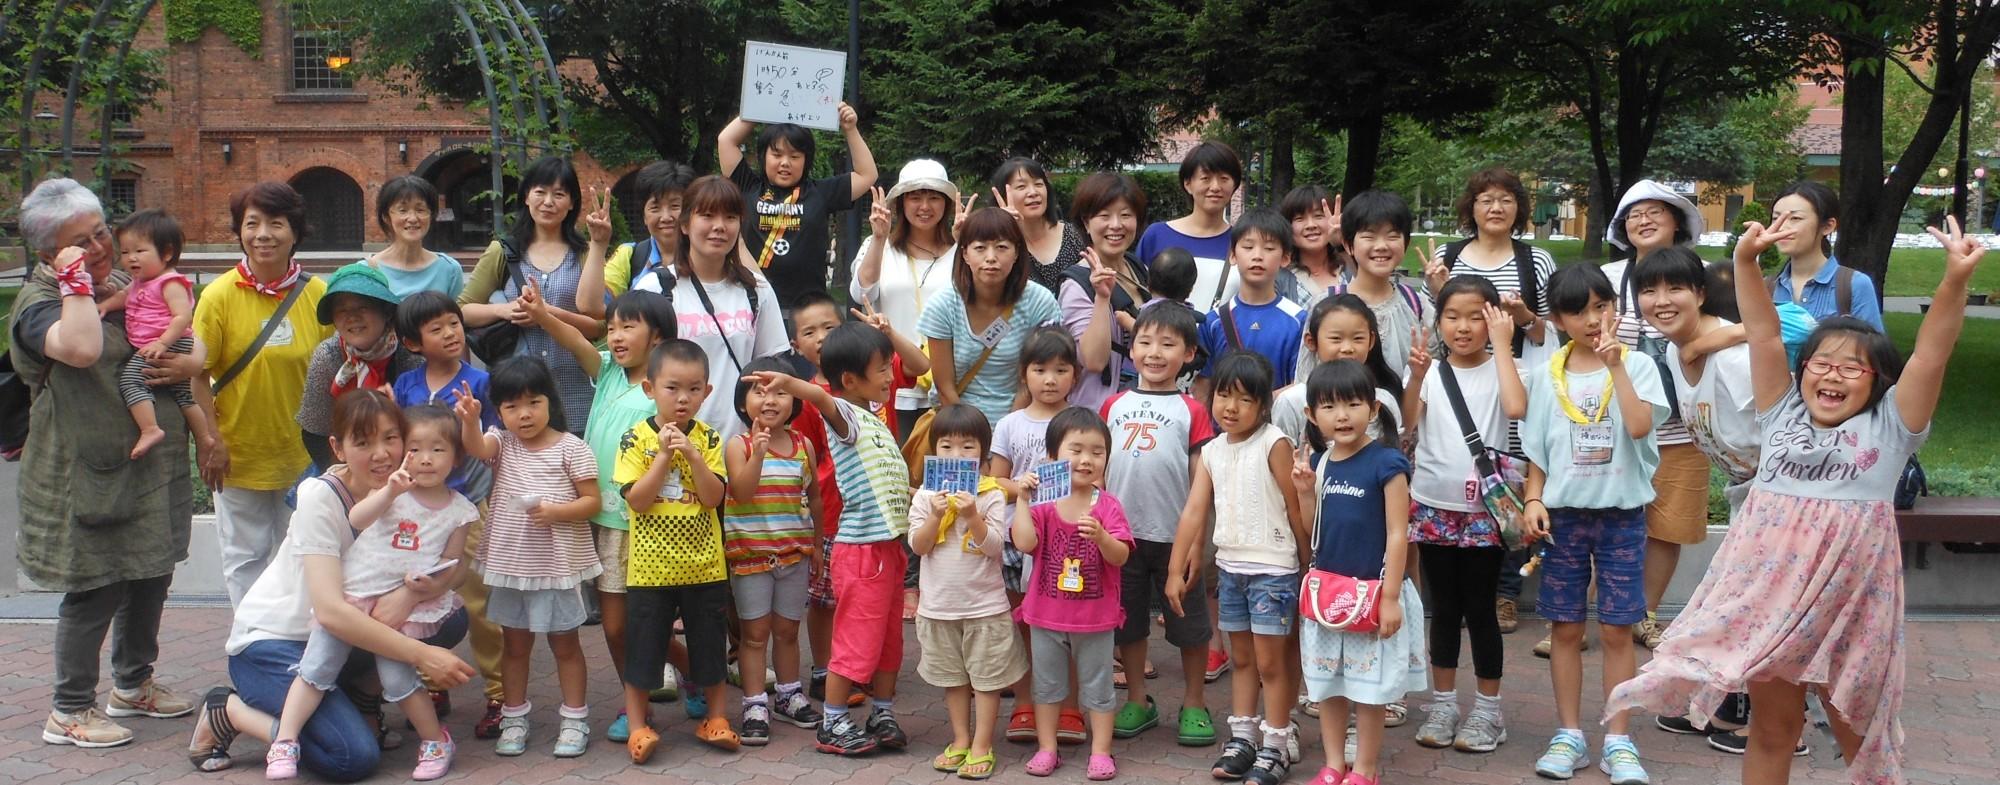 福島の子どもたちを守る会・北海道 / Future  for  Fukushima  Children